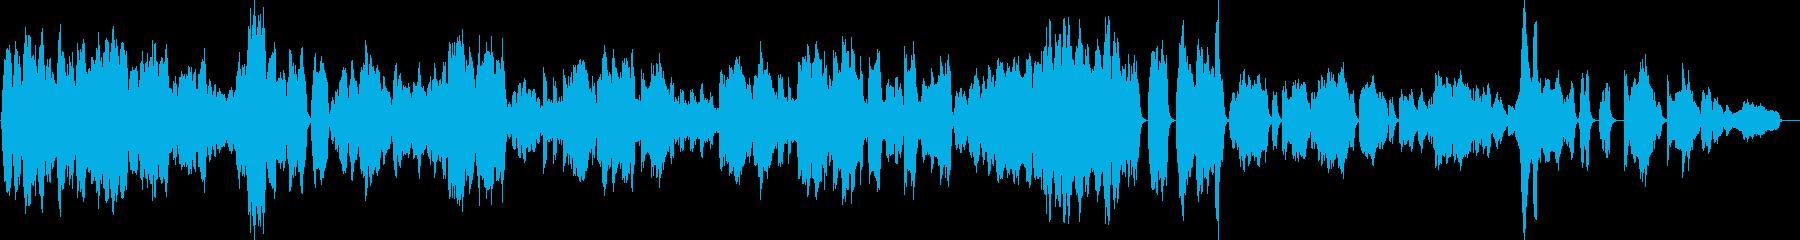 トルストイも涙した郷愁を誘うチェロの名曲の再生済みの波形